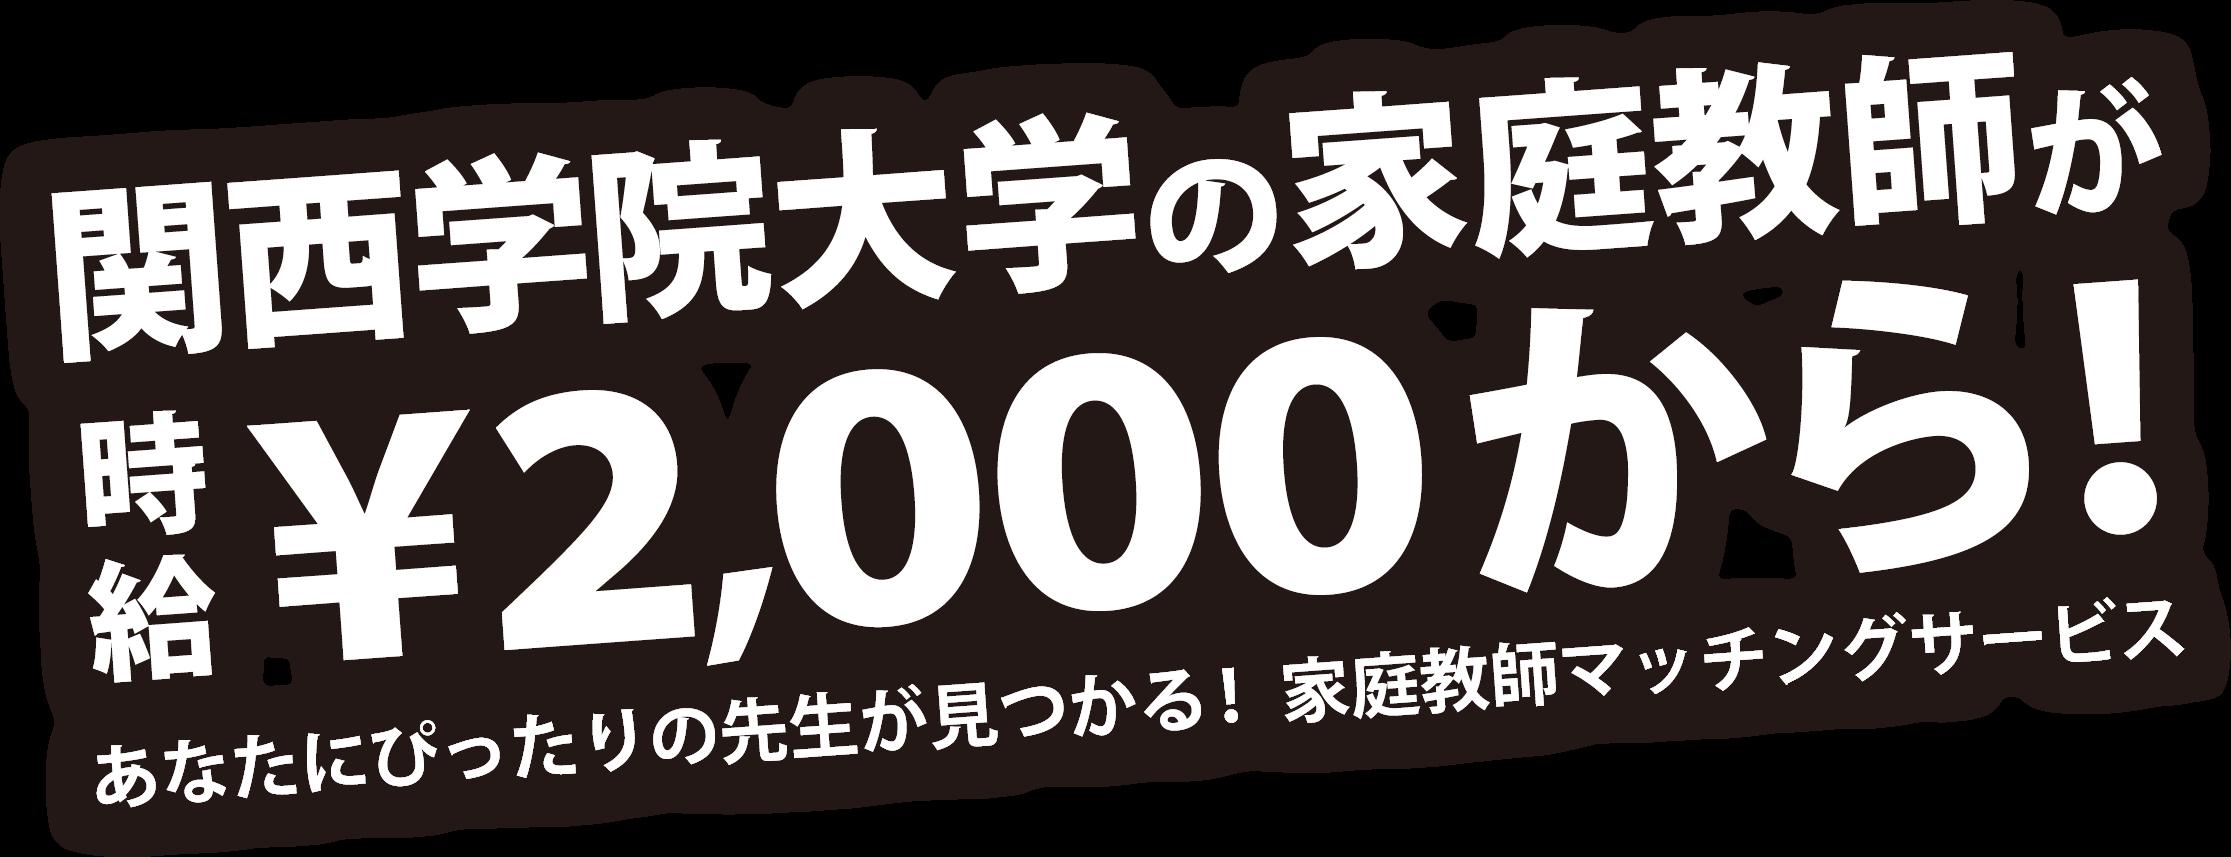 関西学院大学の家庭教師が時給¥2,000から!あなたにぴったりの先生が見つかる!家庭教師マッチングサービス